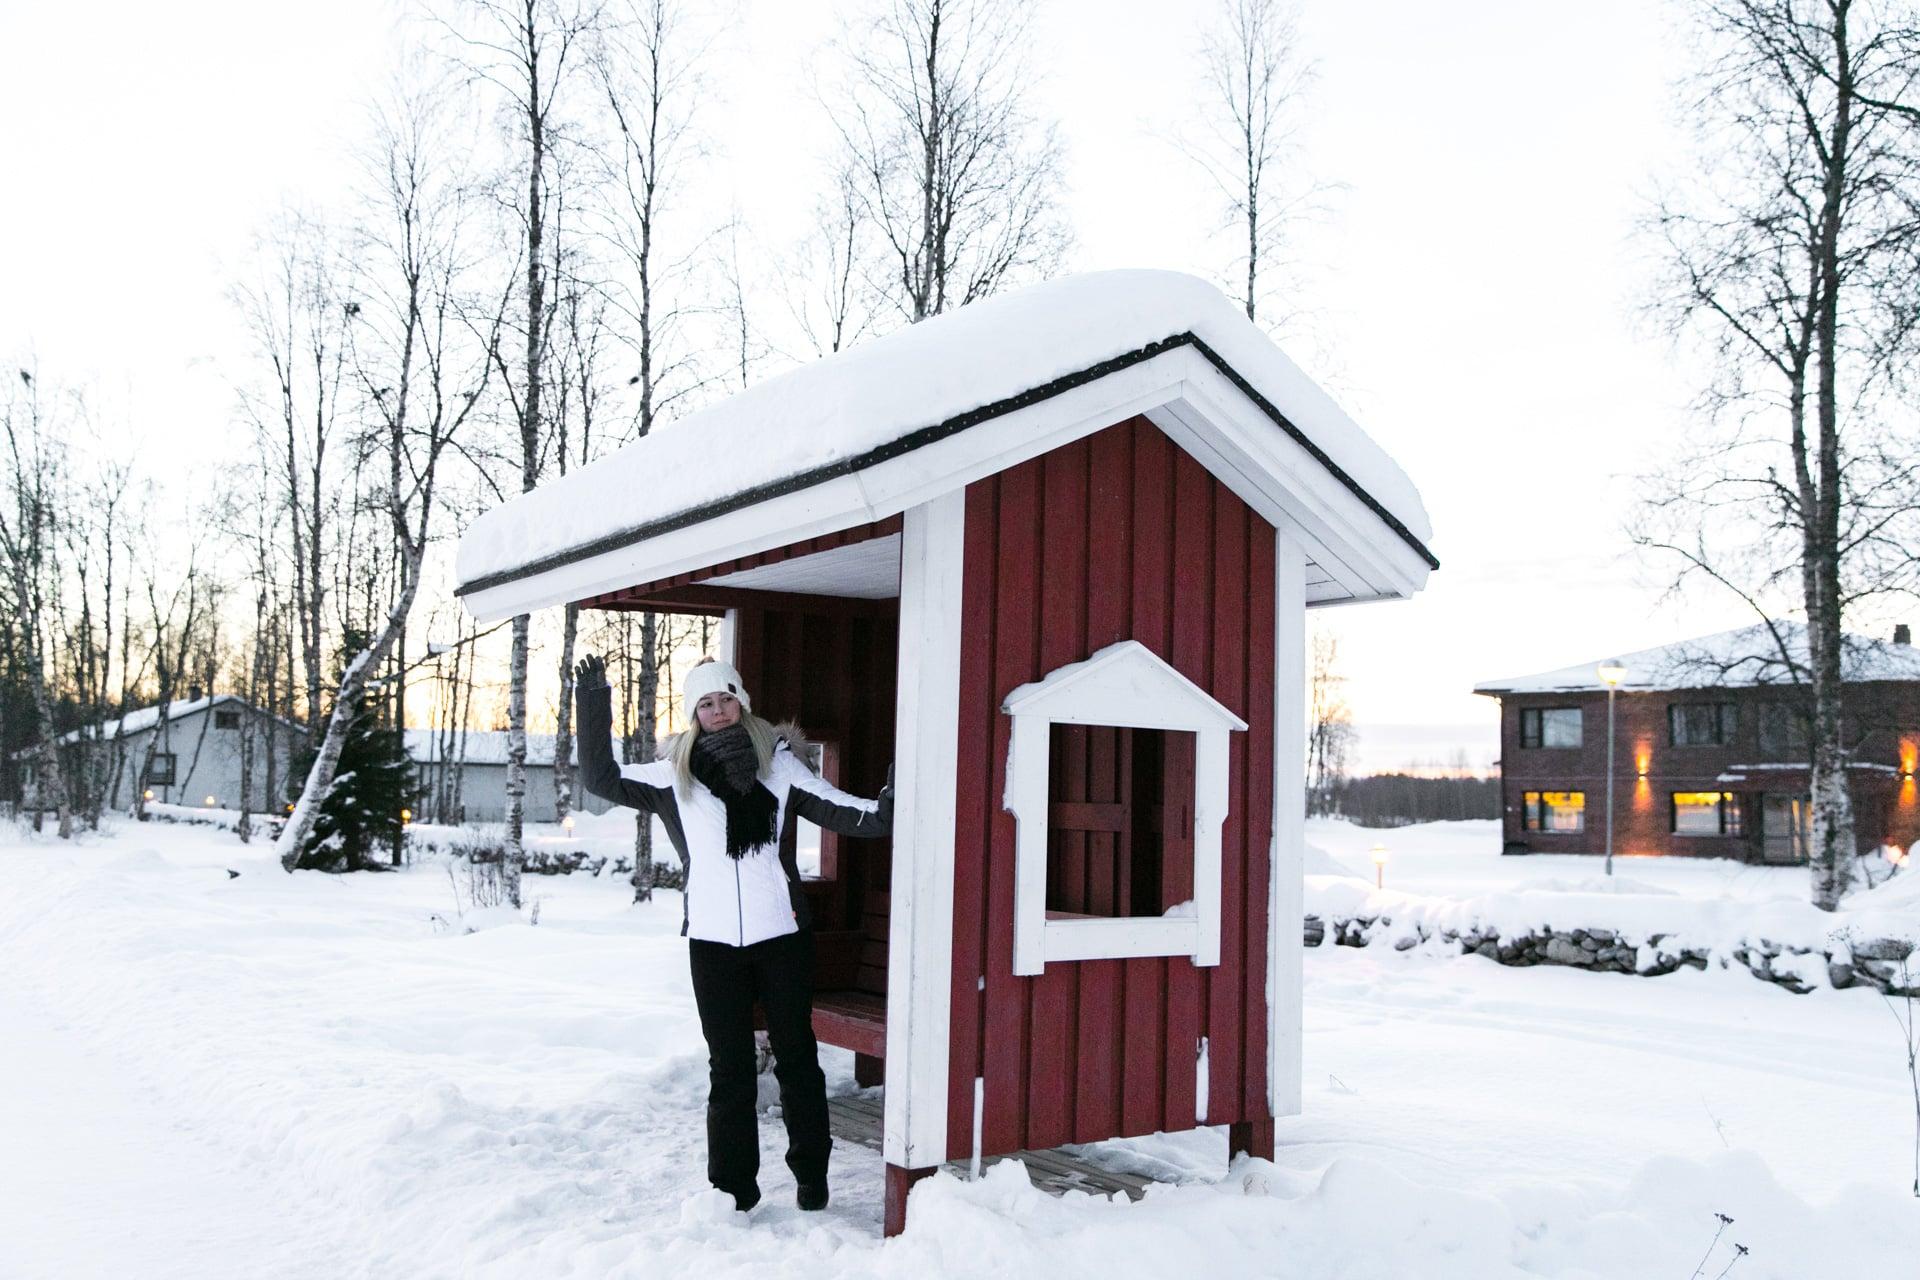 ID5A5520 1 - Récap de notre voyage en Laponie Finlandaise